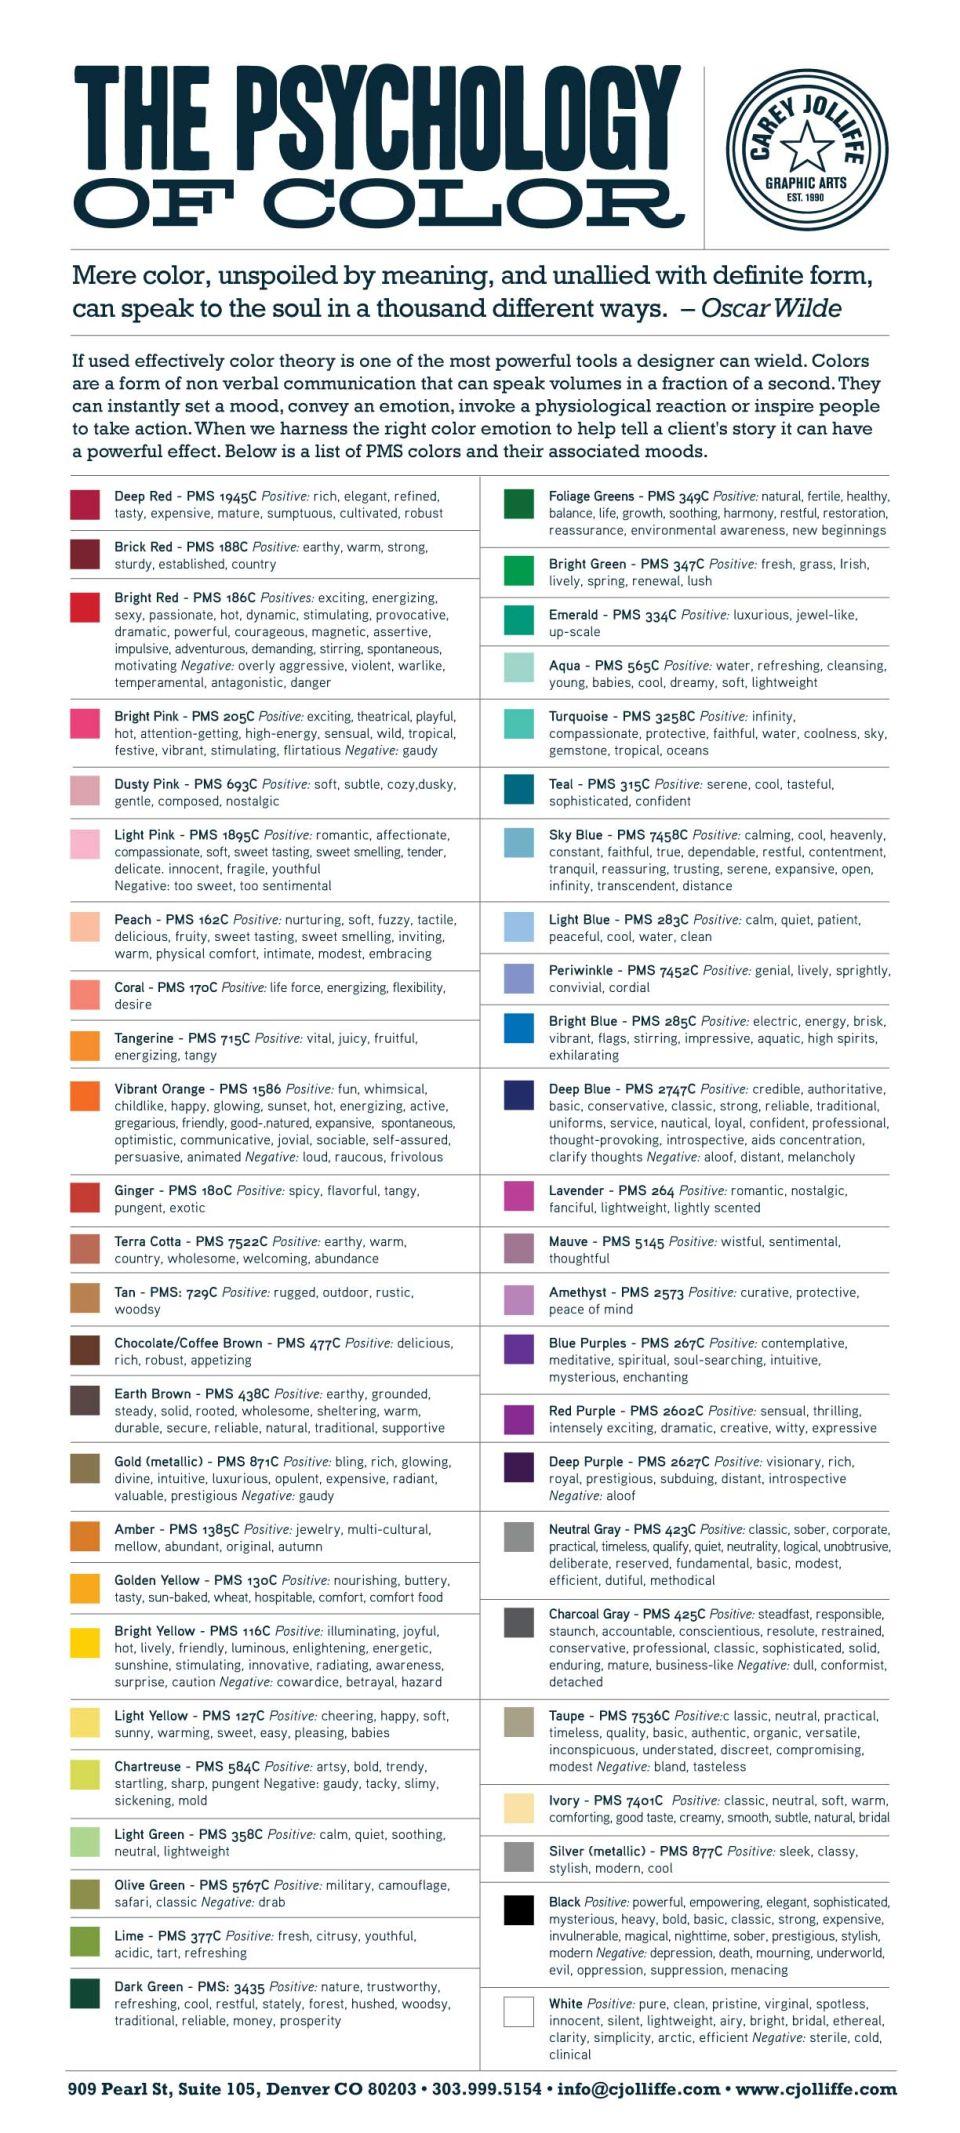 the-psychology-of-colour Fabelhafte Psychologische Wirkung Von Farben Dekorationen